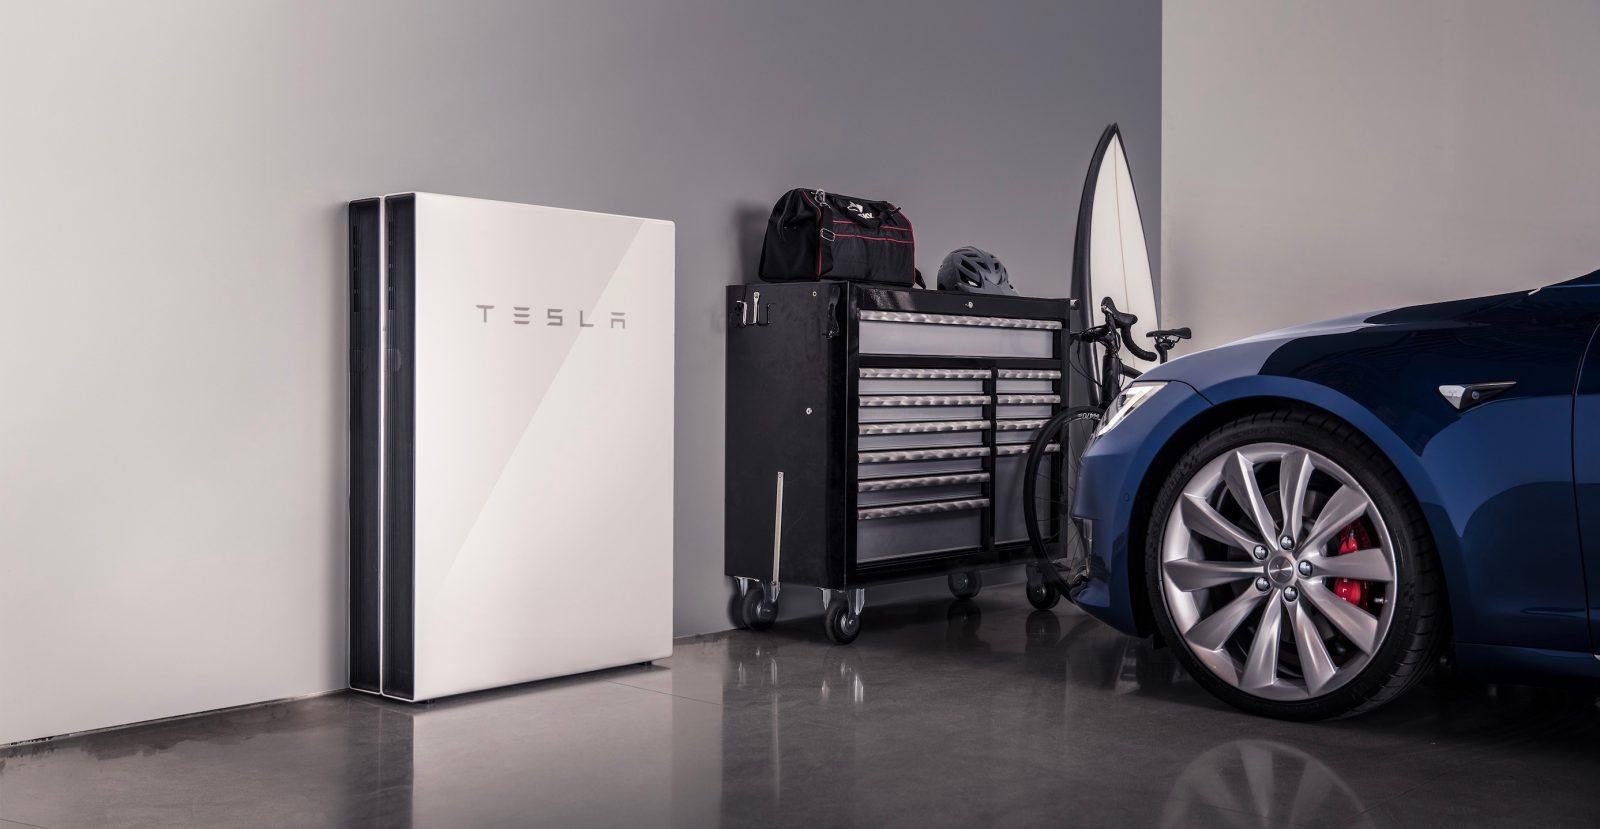 Tesla Powerwall Review >> Tesla Powerwall Captures Majority Of Mindshare In Home